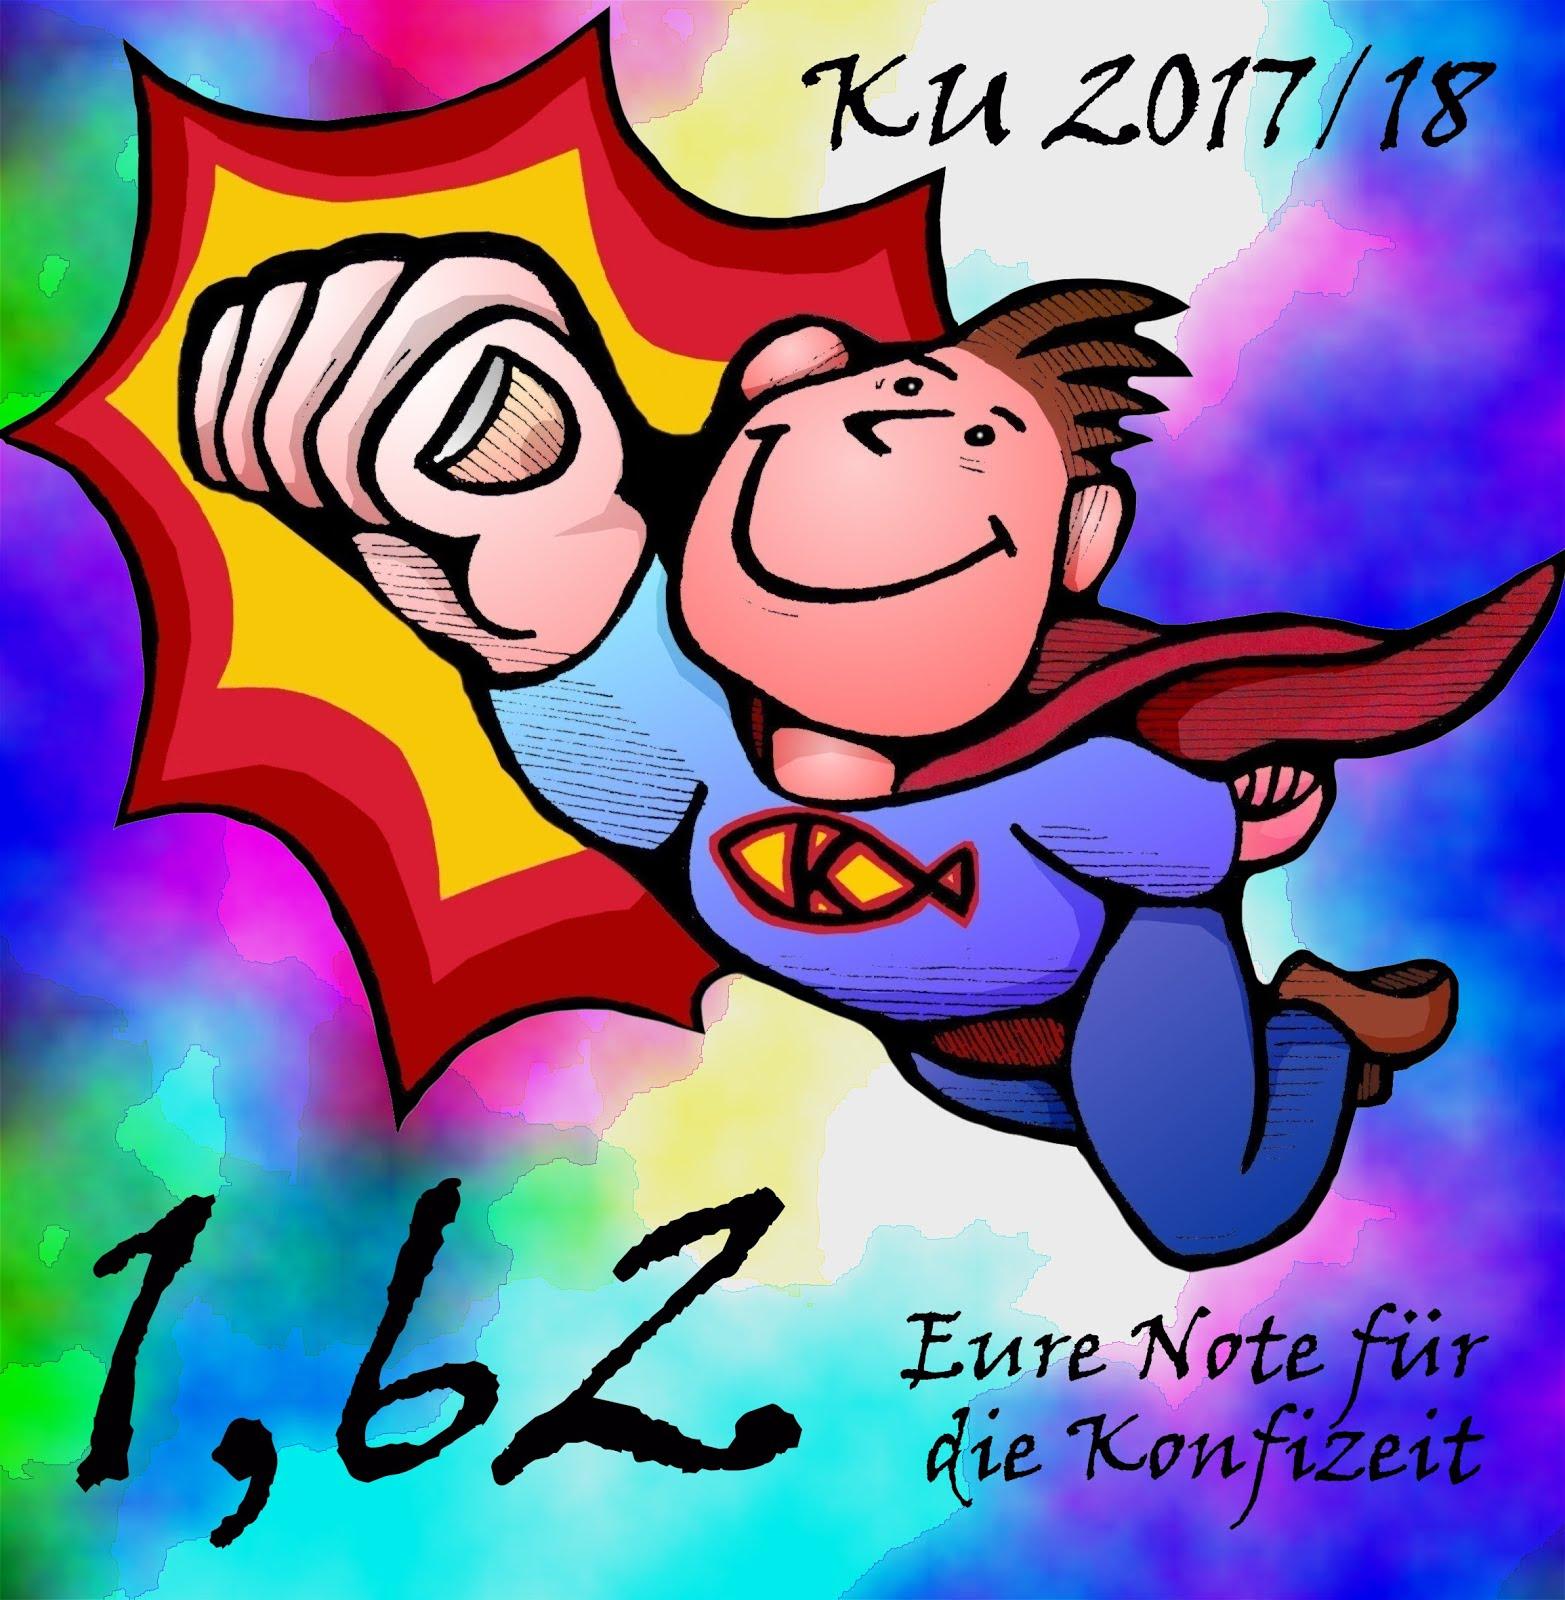 KU-Voting 2017/18